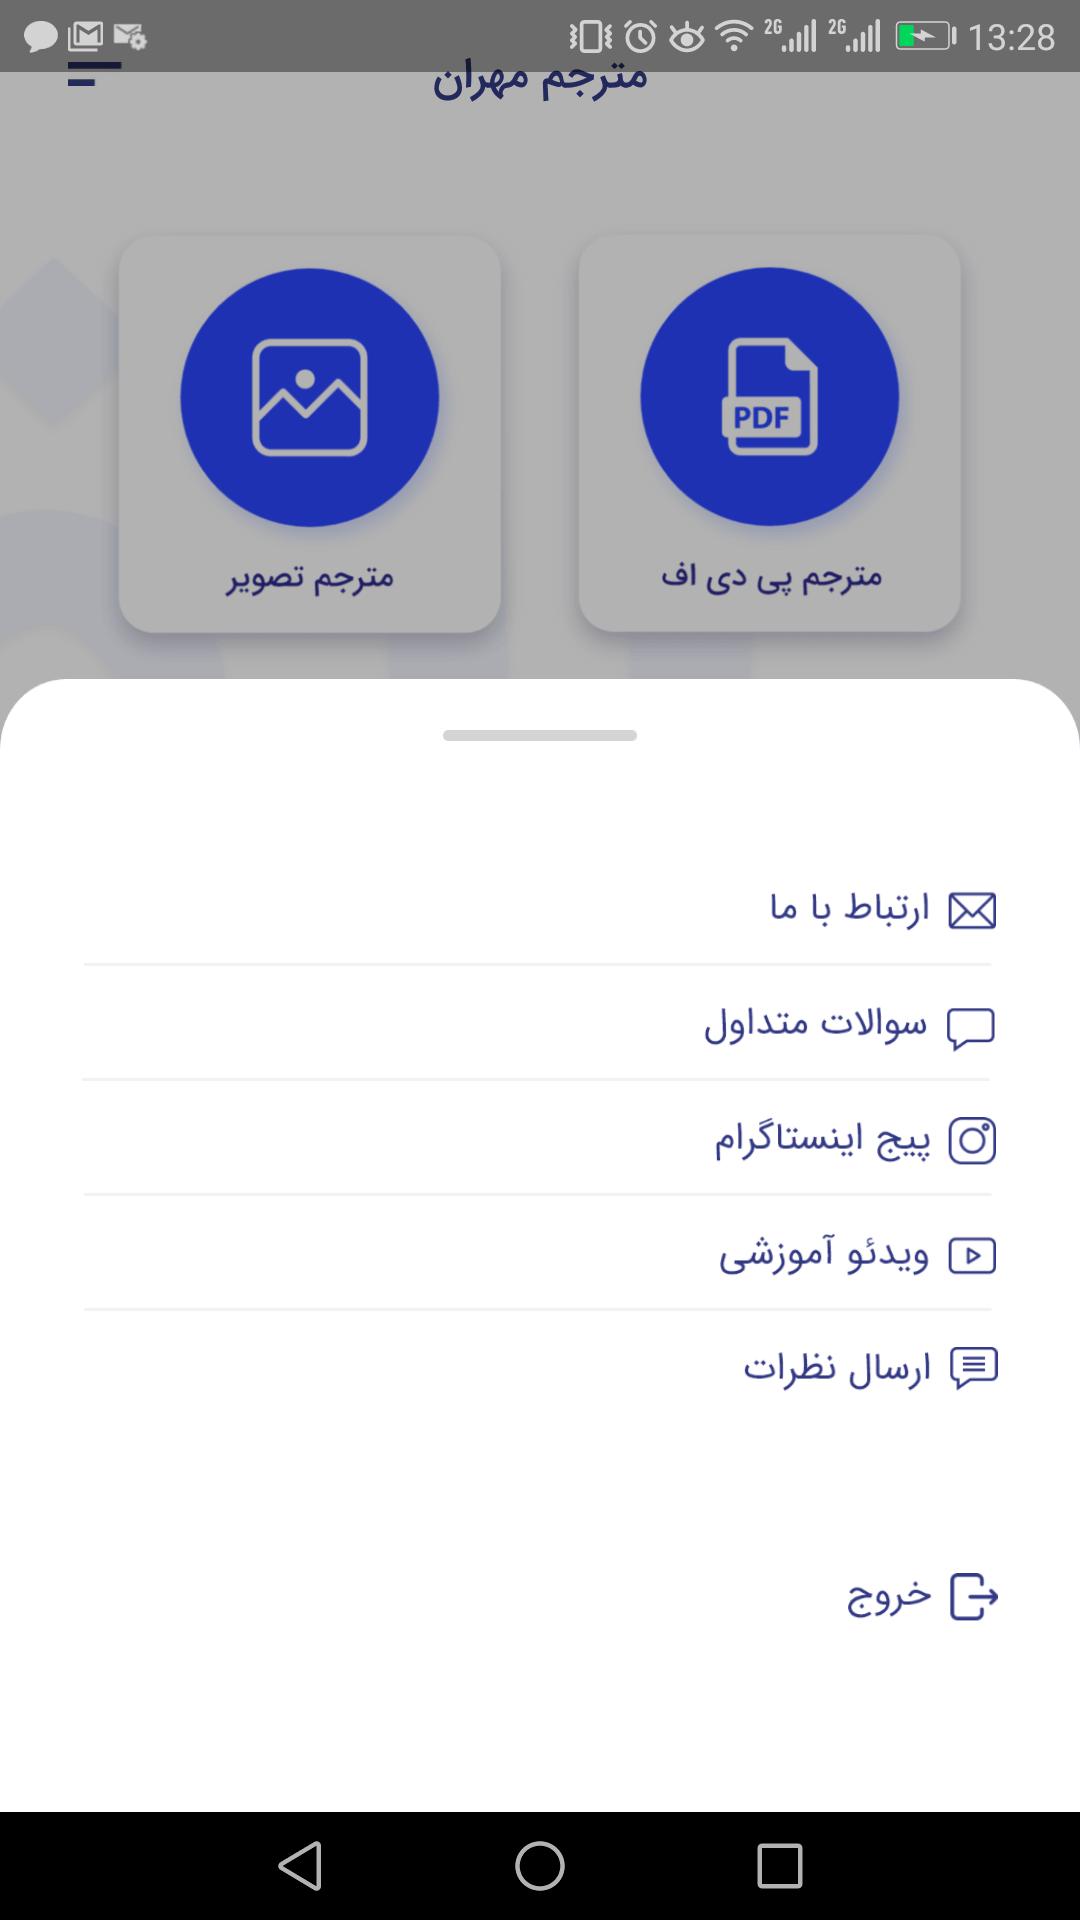 منوی کشویی اپلیکیشن مترجم مهران - چیکاو